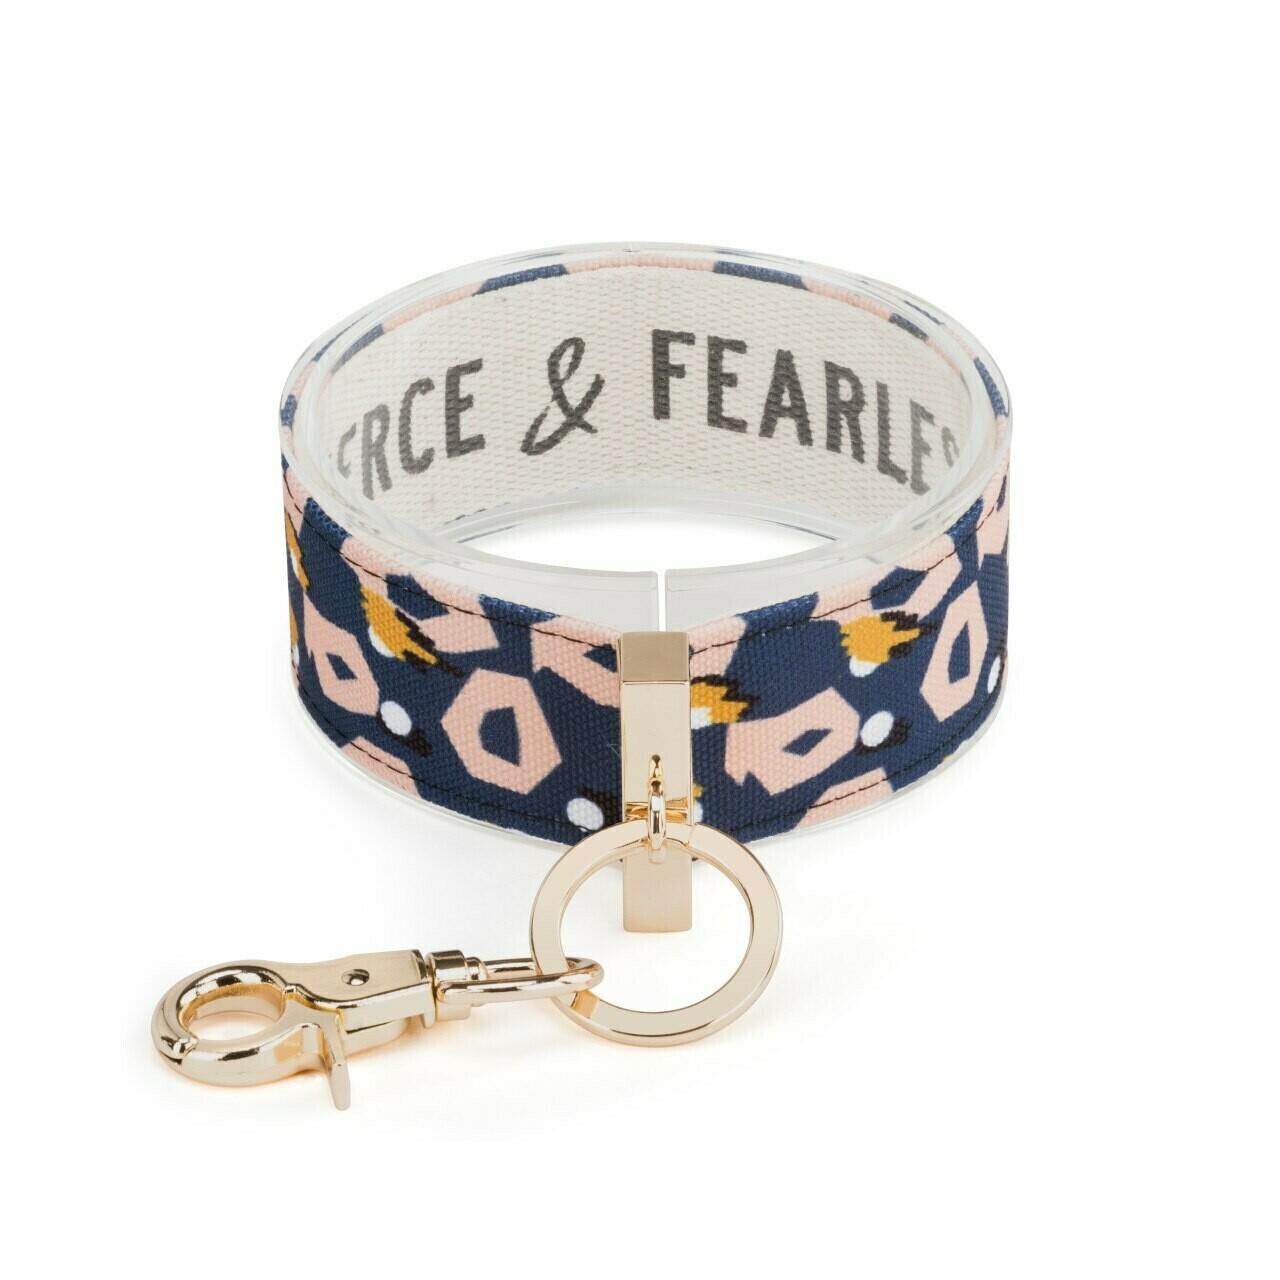 Demdaco Wrist Strap Key Ring FIERCE & FEARLESS